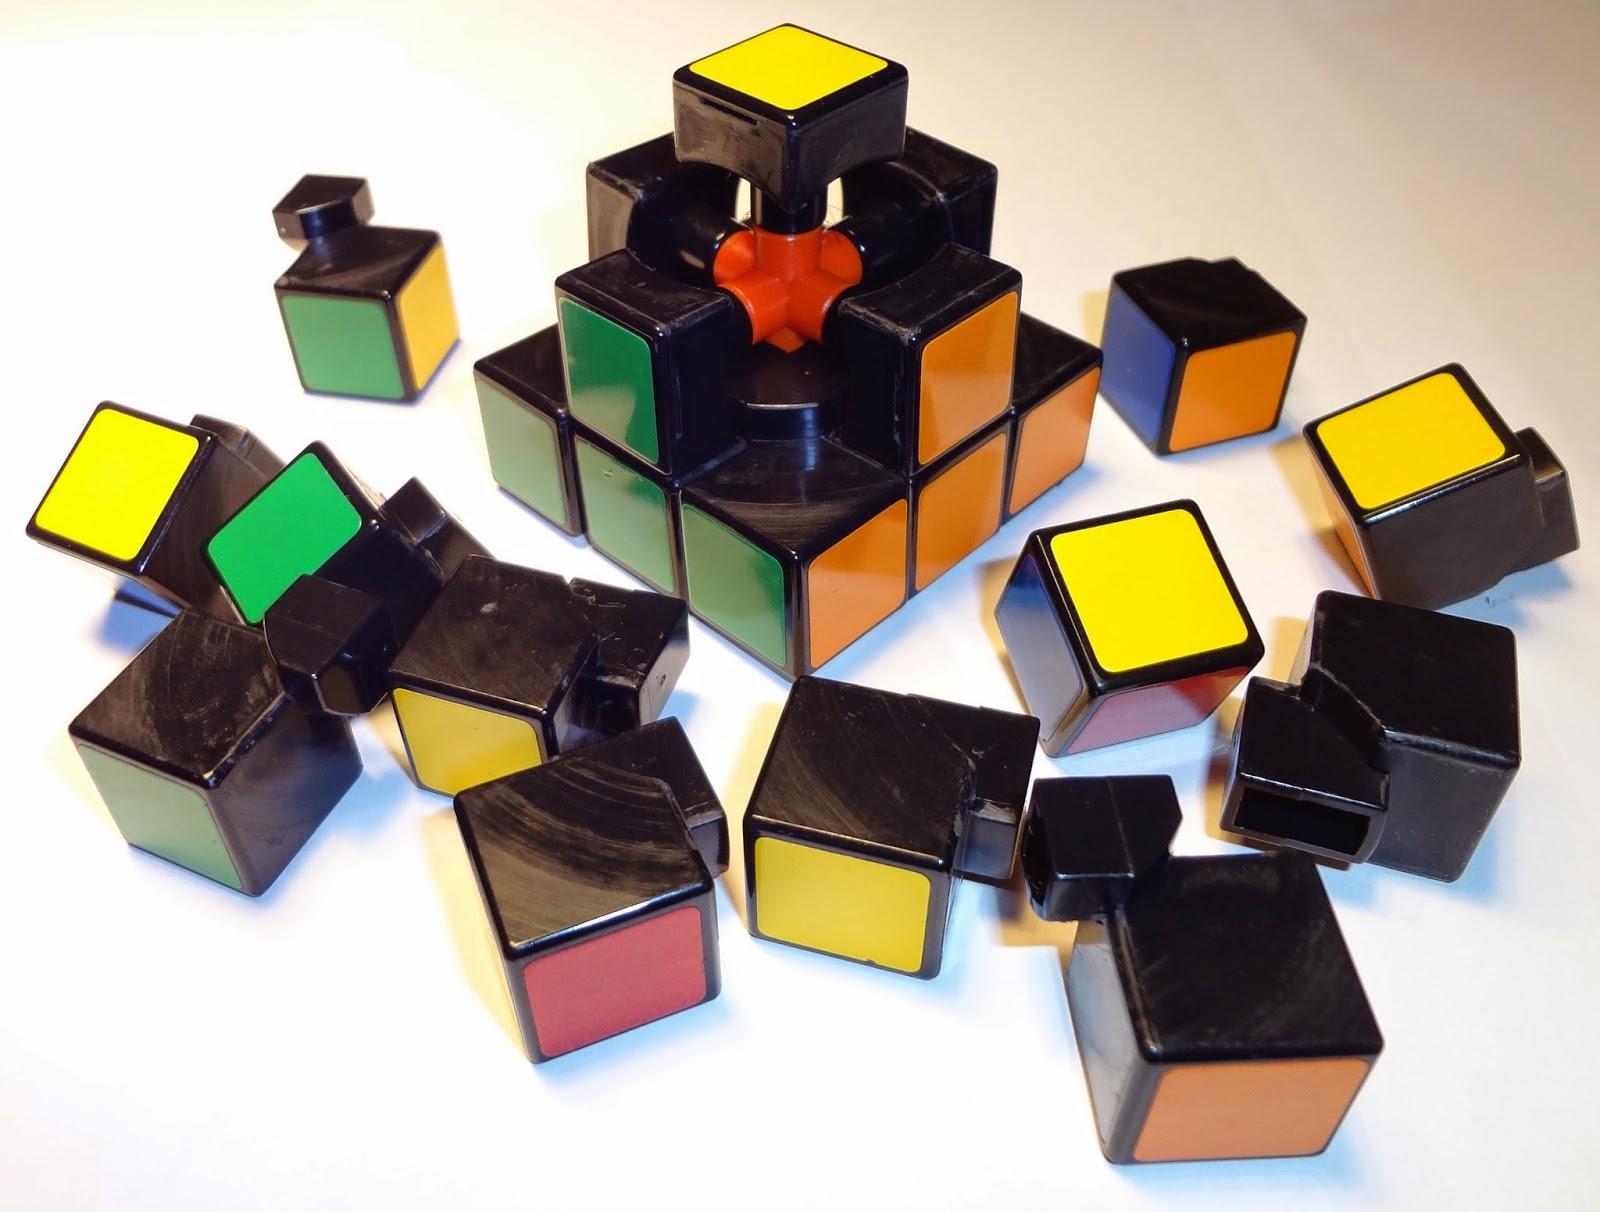 Cubo Mágico da Rubik